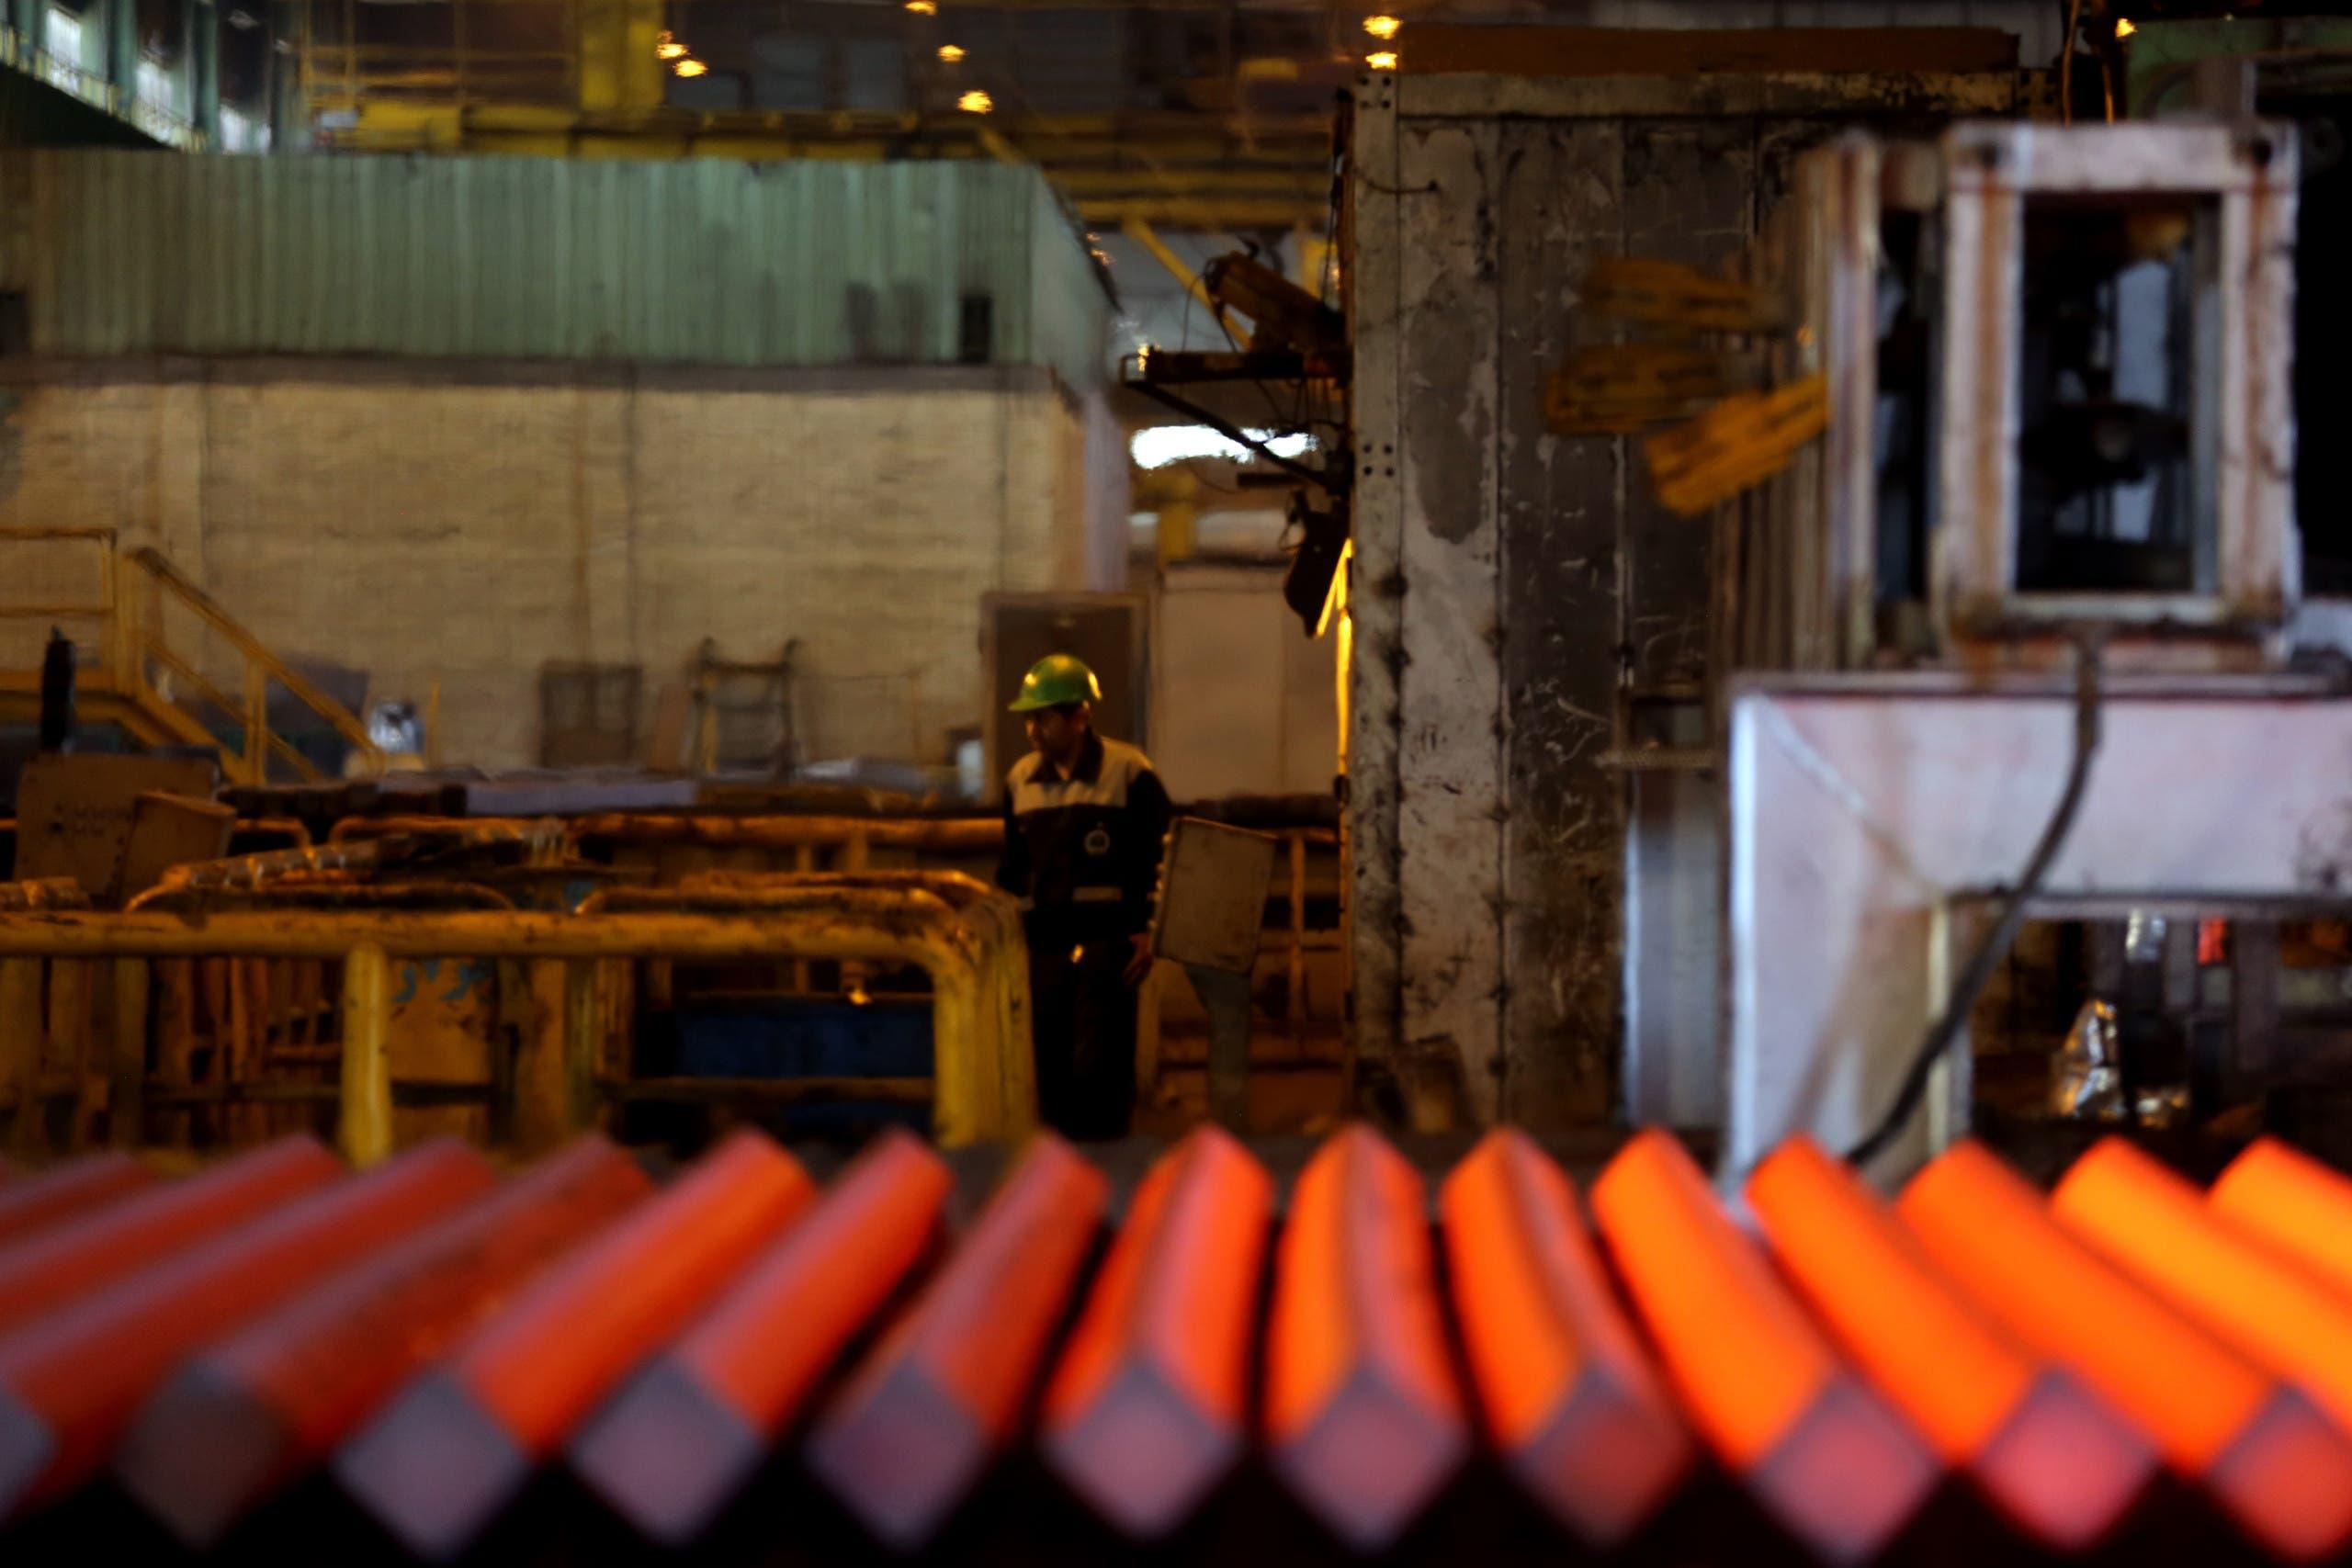 مصنع معادن في إيران(فرانس برس)